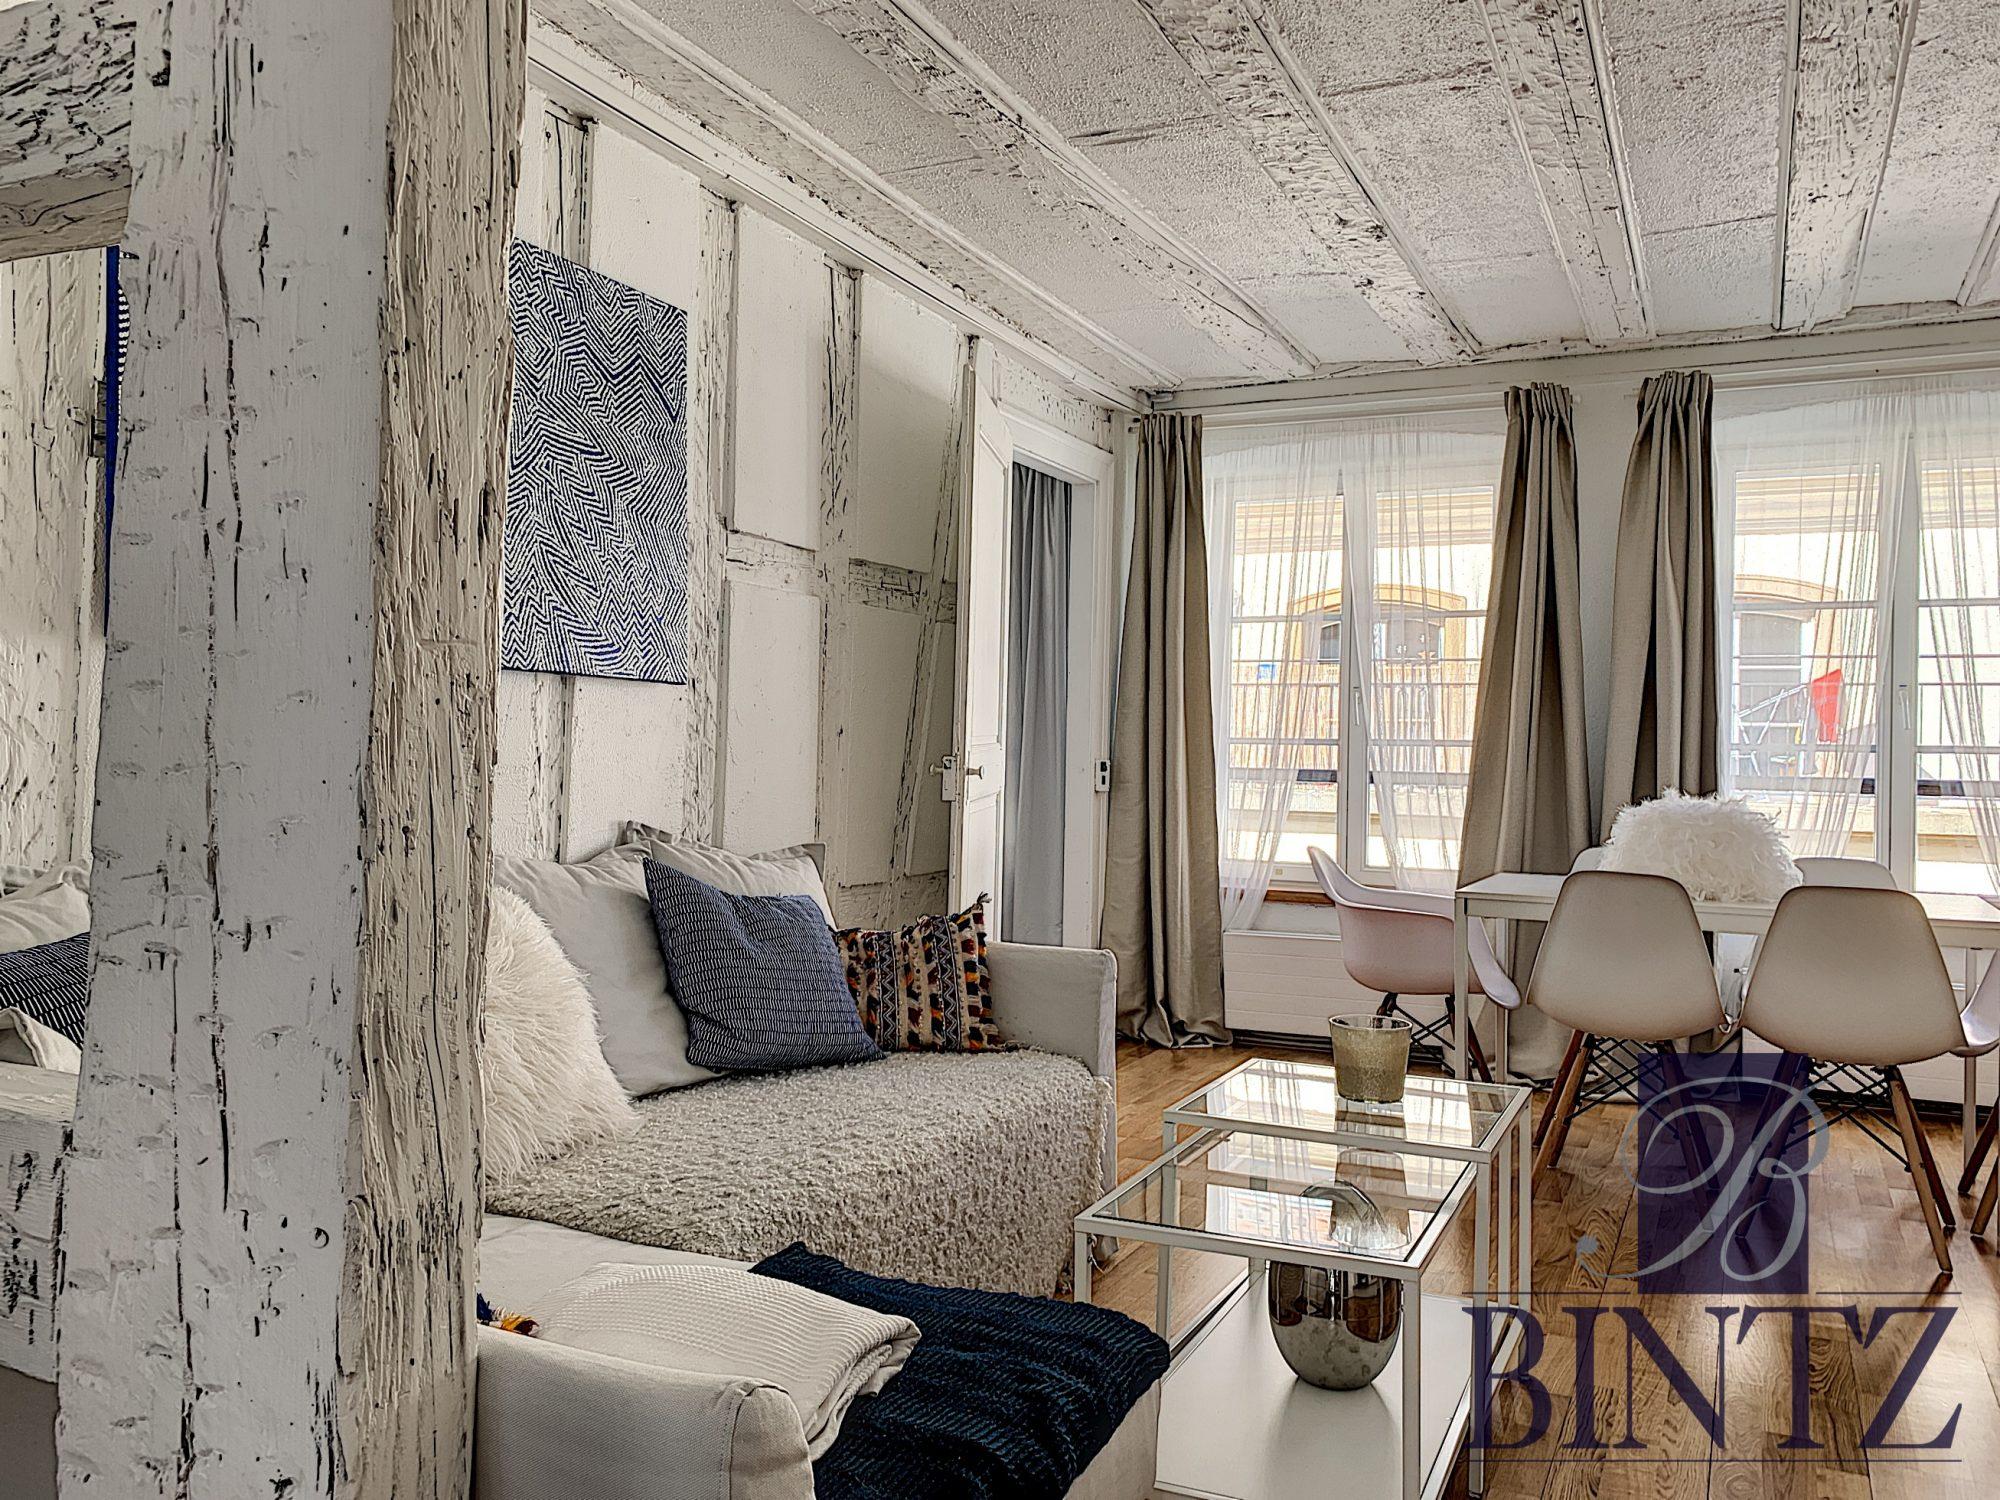 Appartement meublé 2 pièces hyper-centre - Devenez locataire en toute sérénité - Bintz Immobilier - 2